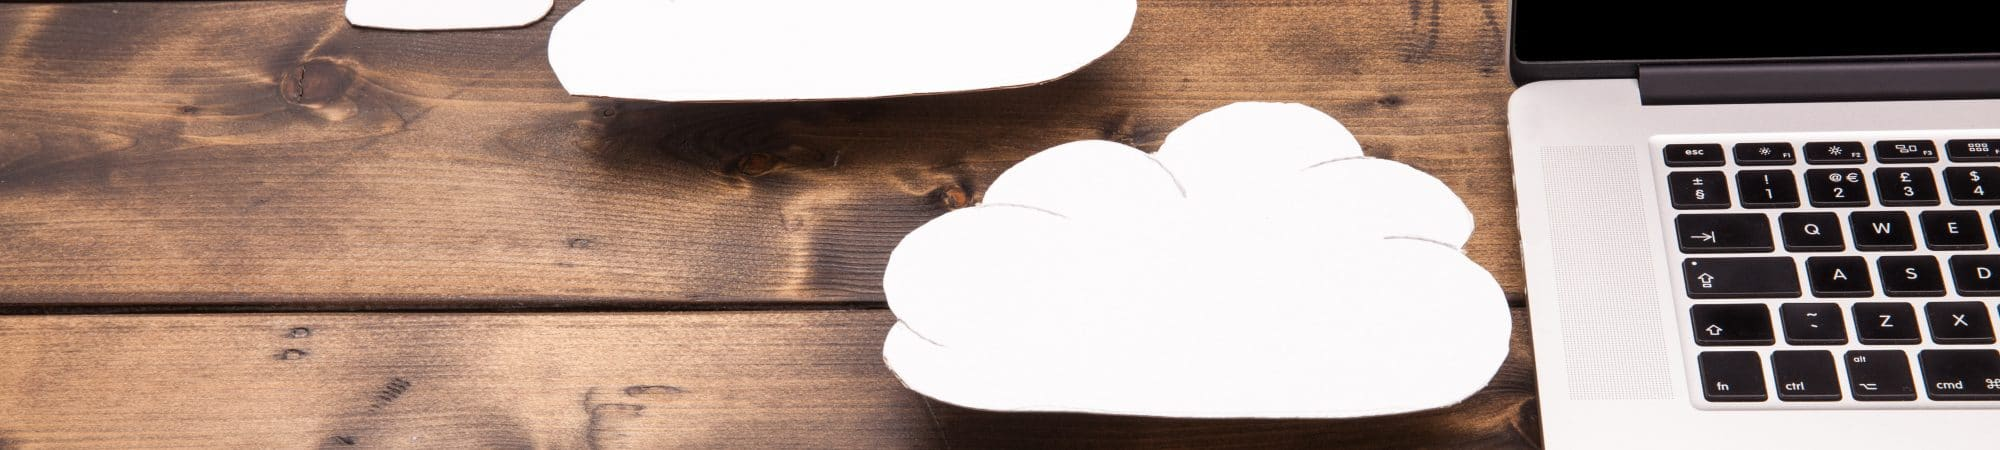 Imagem mostra uma parte de um notebook, em cima de uma superfície de madeira, e ao lado dele algumas nuvens feitas de papel. A ideia é ilustrar a computação em nuvem.